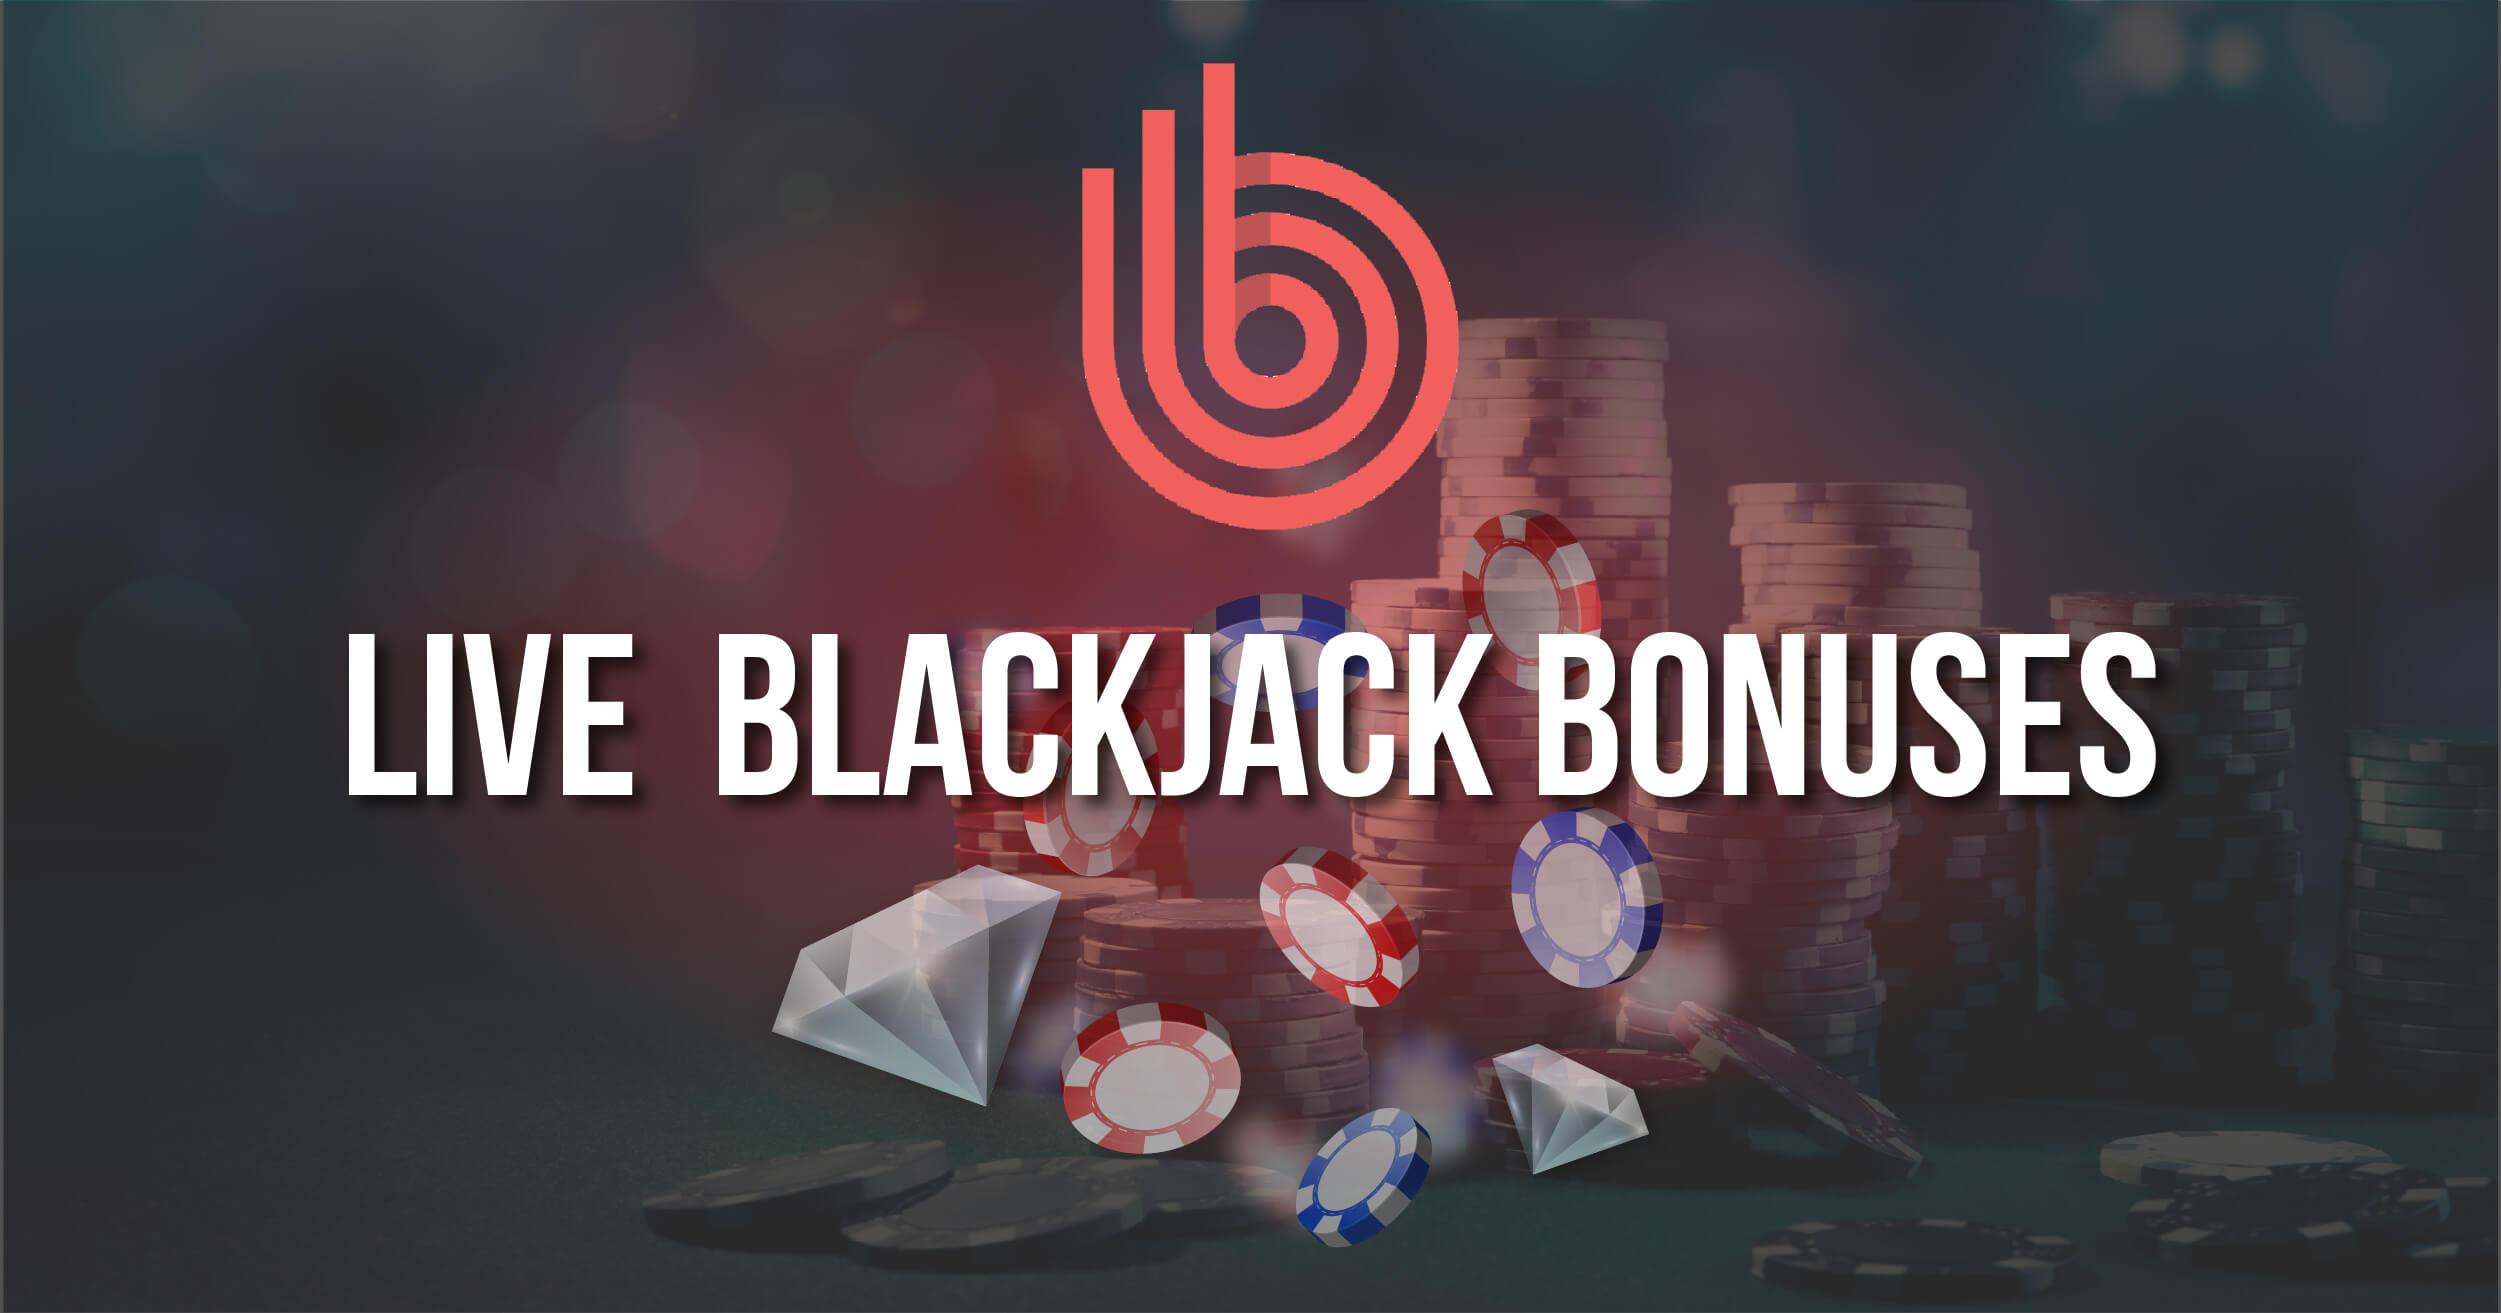 Best Live Blackjack Bonuses Review